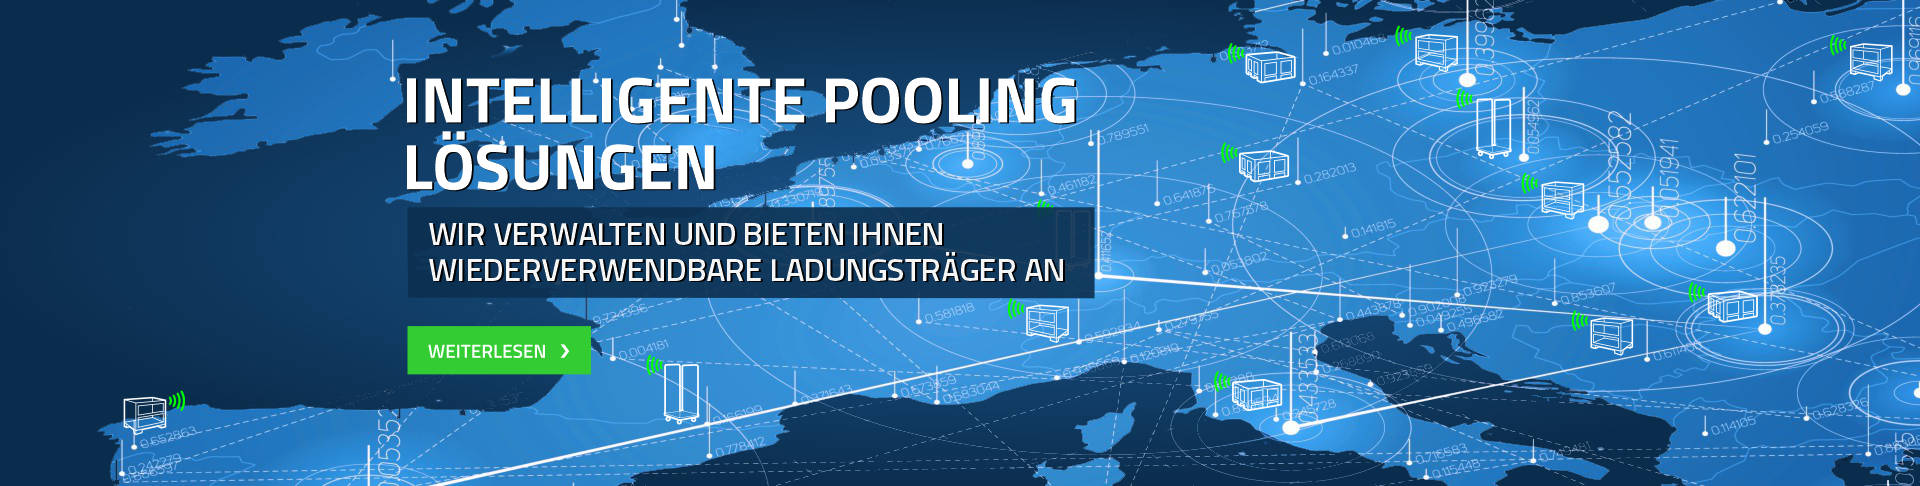 Intelligente pooling lösungen wir verwalten und bieten ihnen wiederverwendbare ladungsträger an